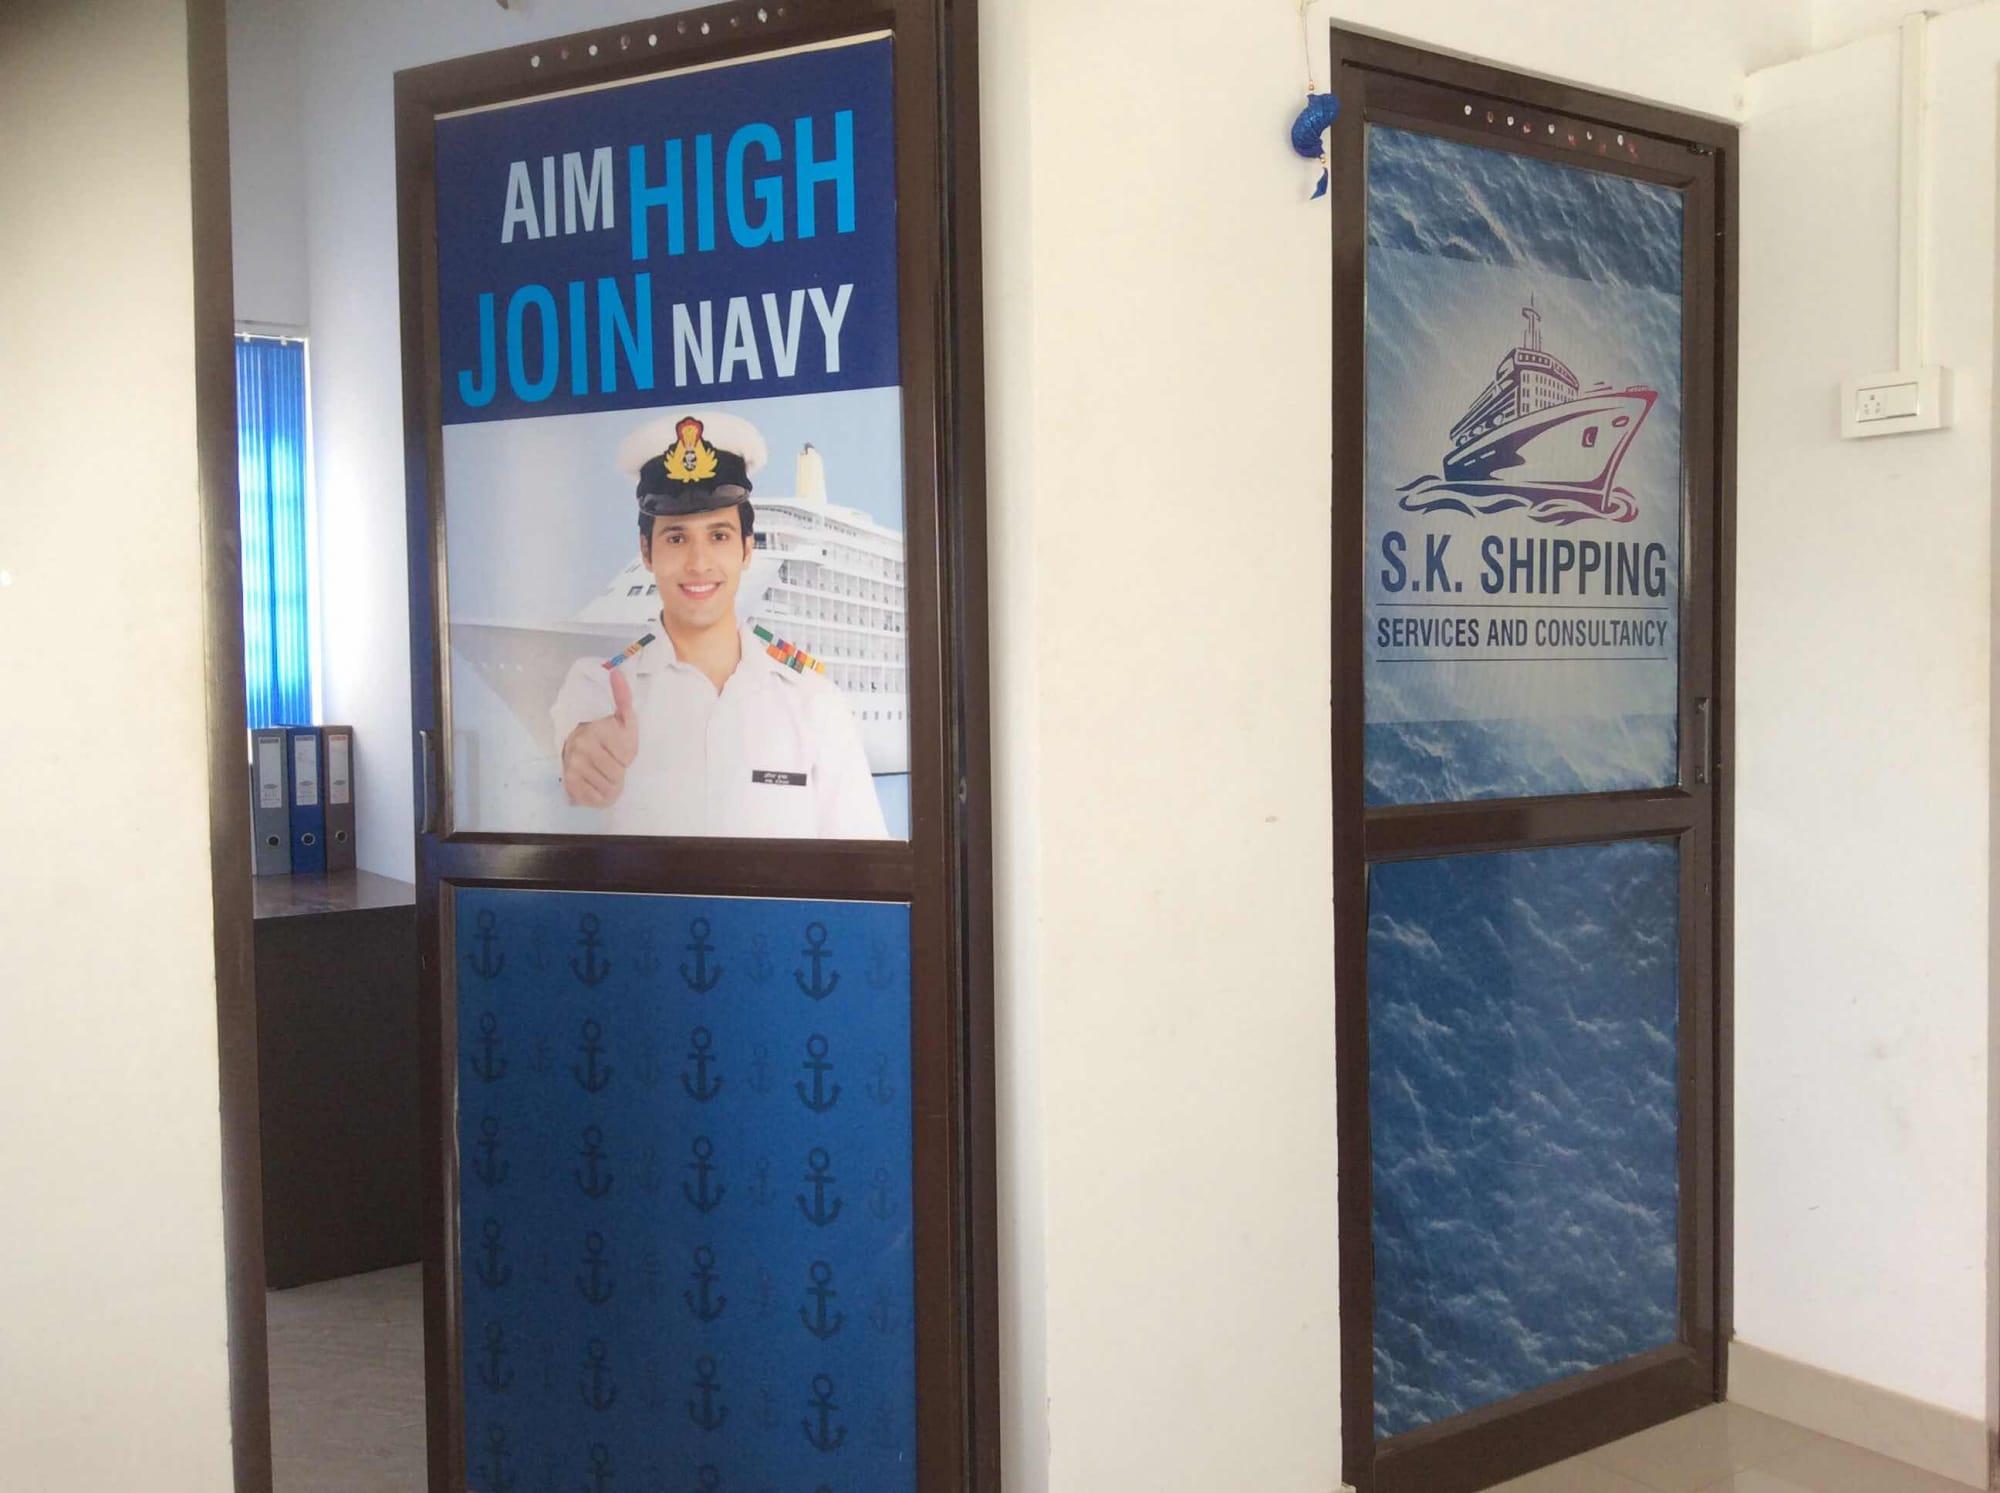 Top Merchant Navy Institutes in Belgaum - Best Merchant Navy